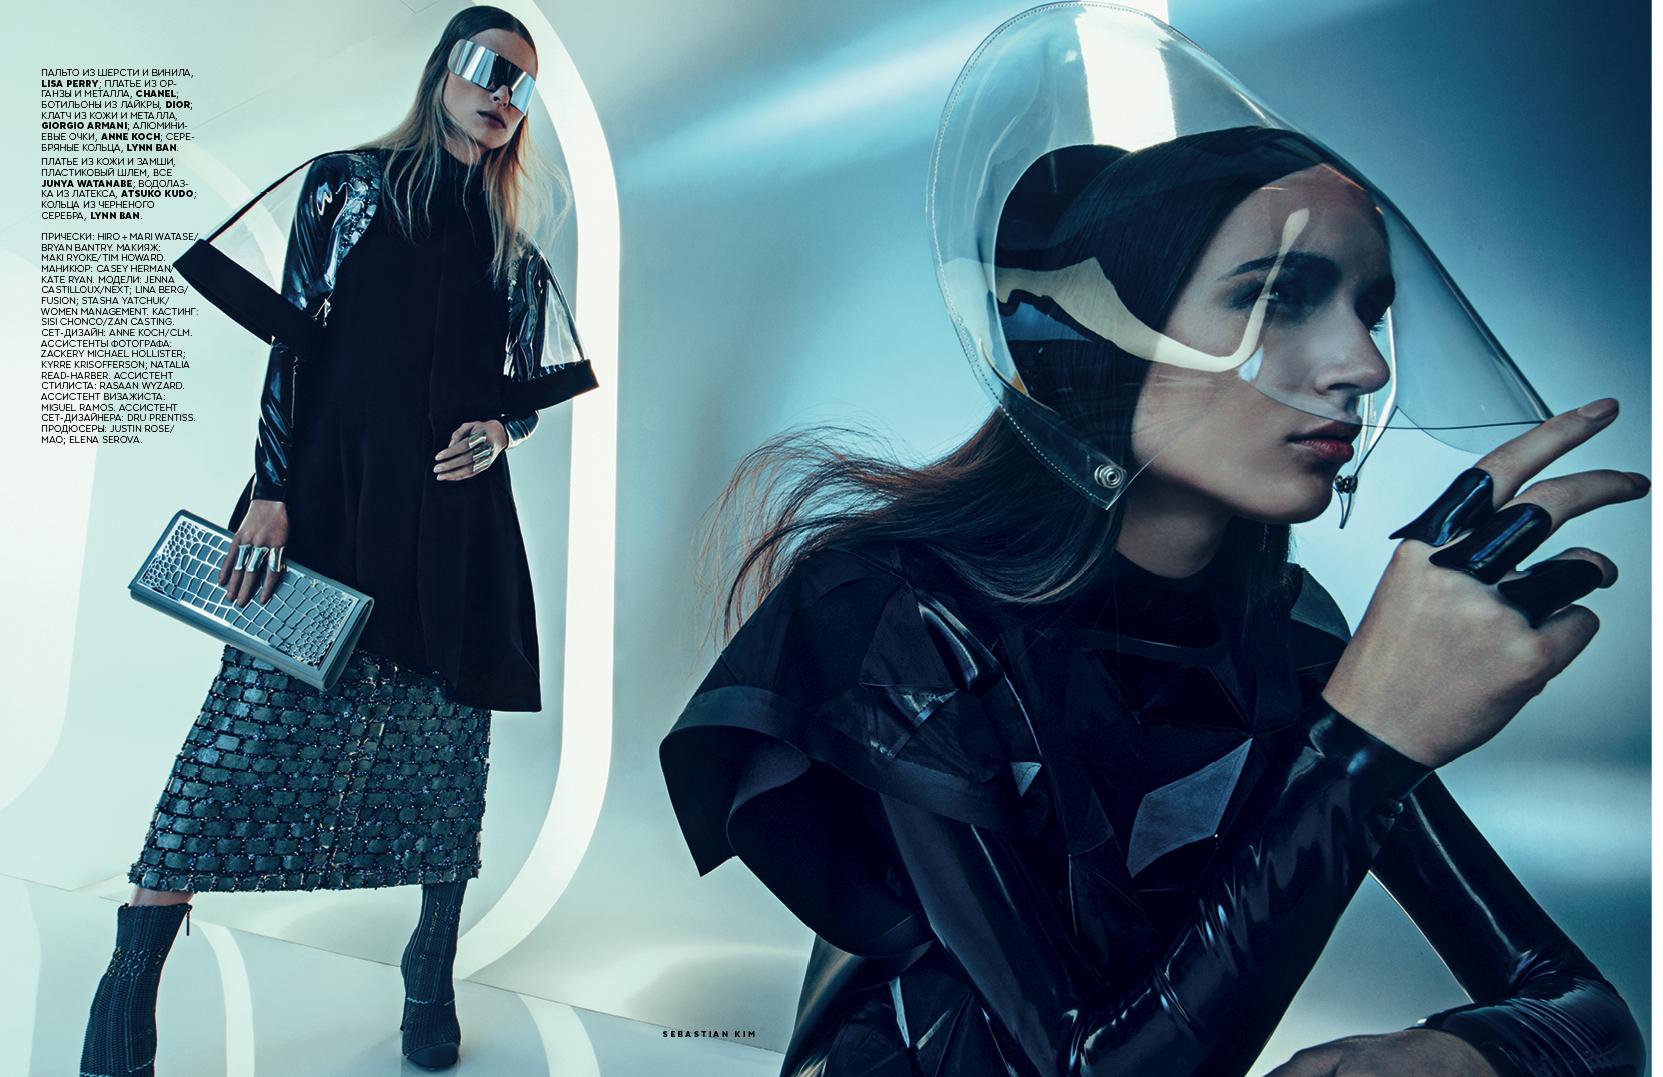 WELL_Fashion Kim_#9.jpeg